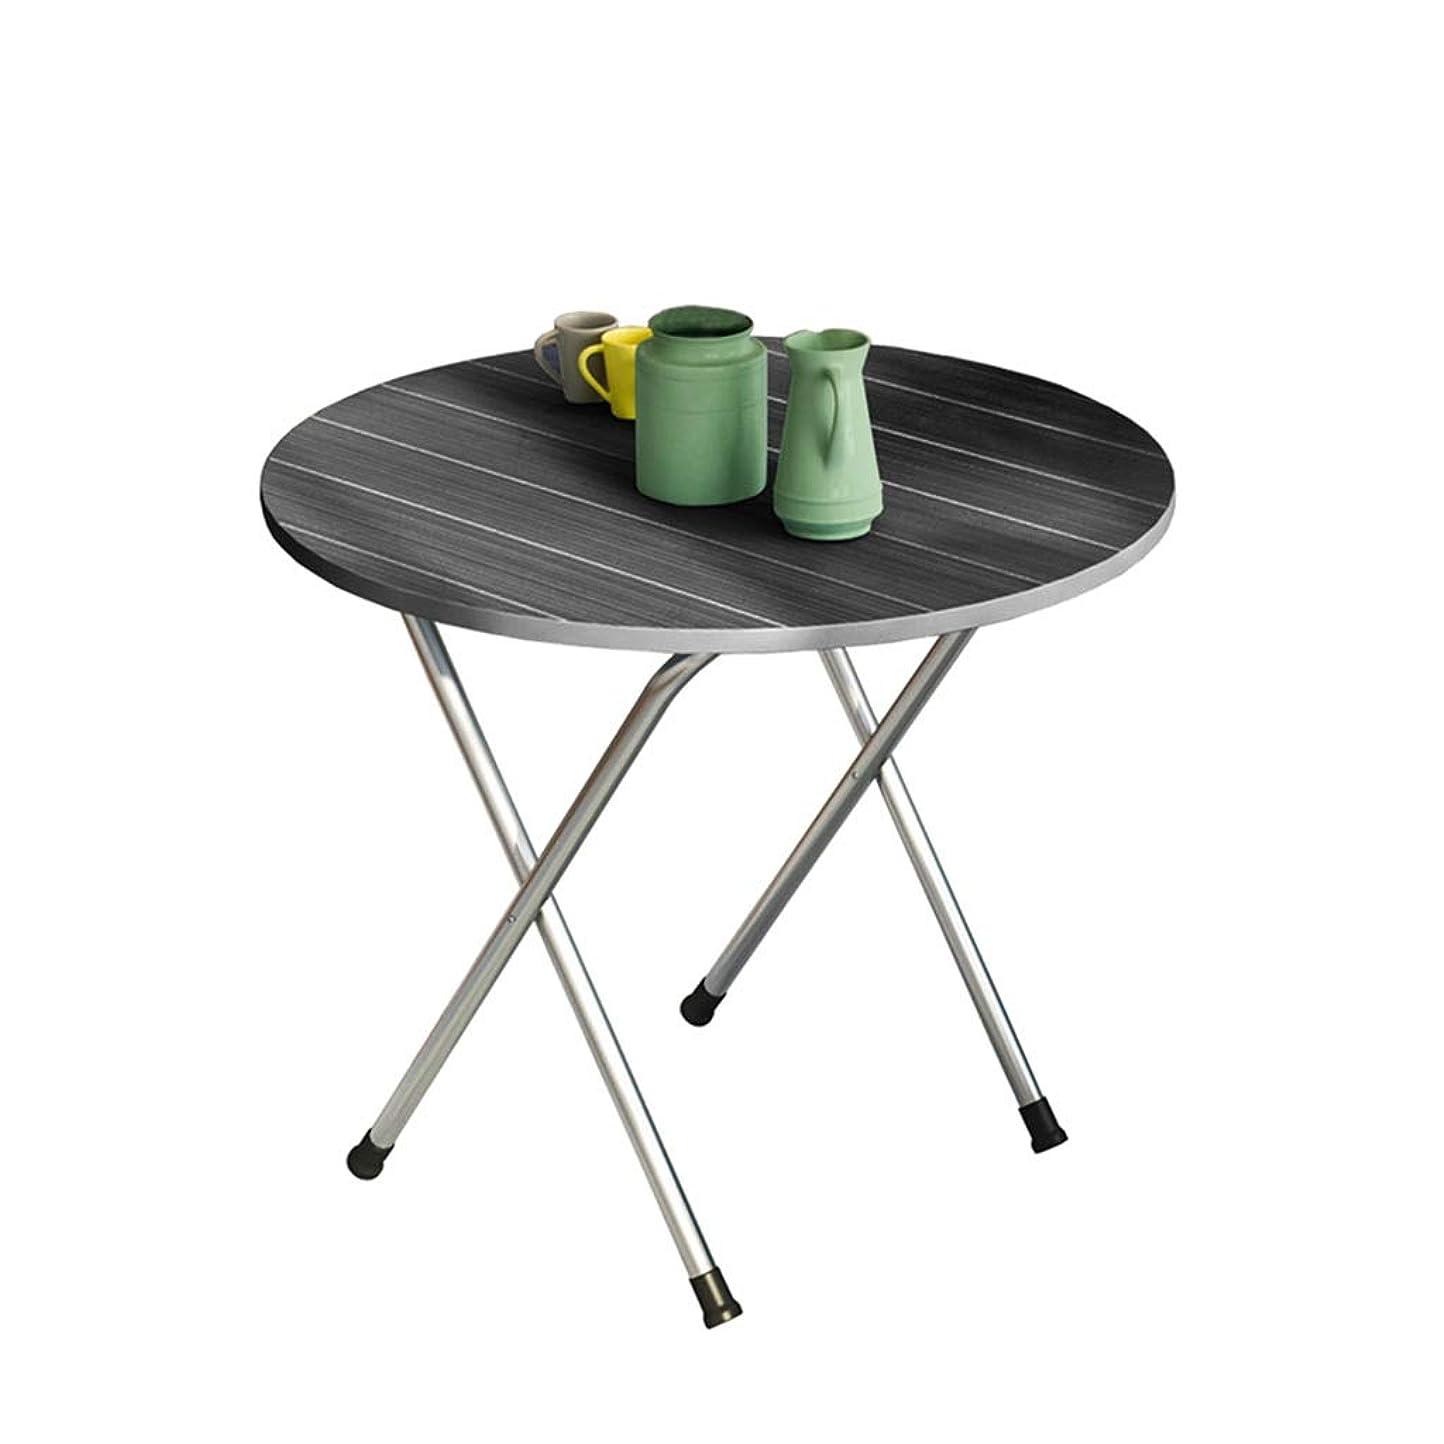 サスティーン特権的蛾ラウンド小さなテーブル、家庭用屋外ピクニックテーブルポータブルキッチン小さなダイニングテーブル折りたたみテーブル保存スペース (Color : A, Size : 60*60*50CM)